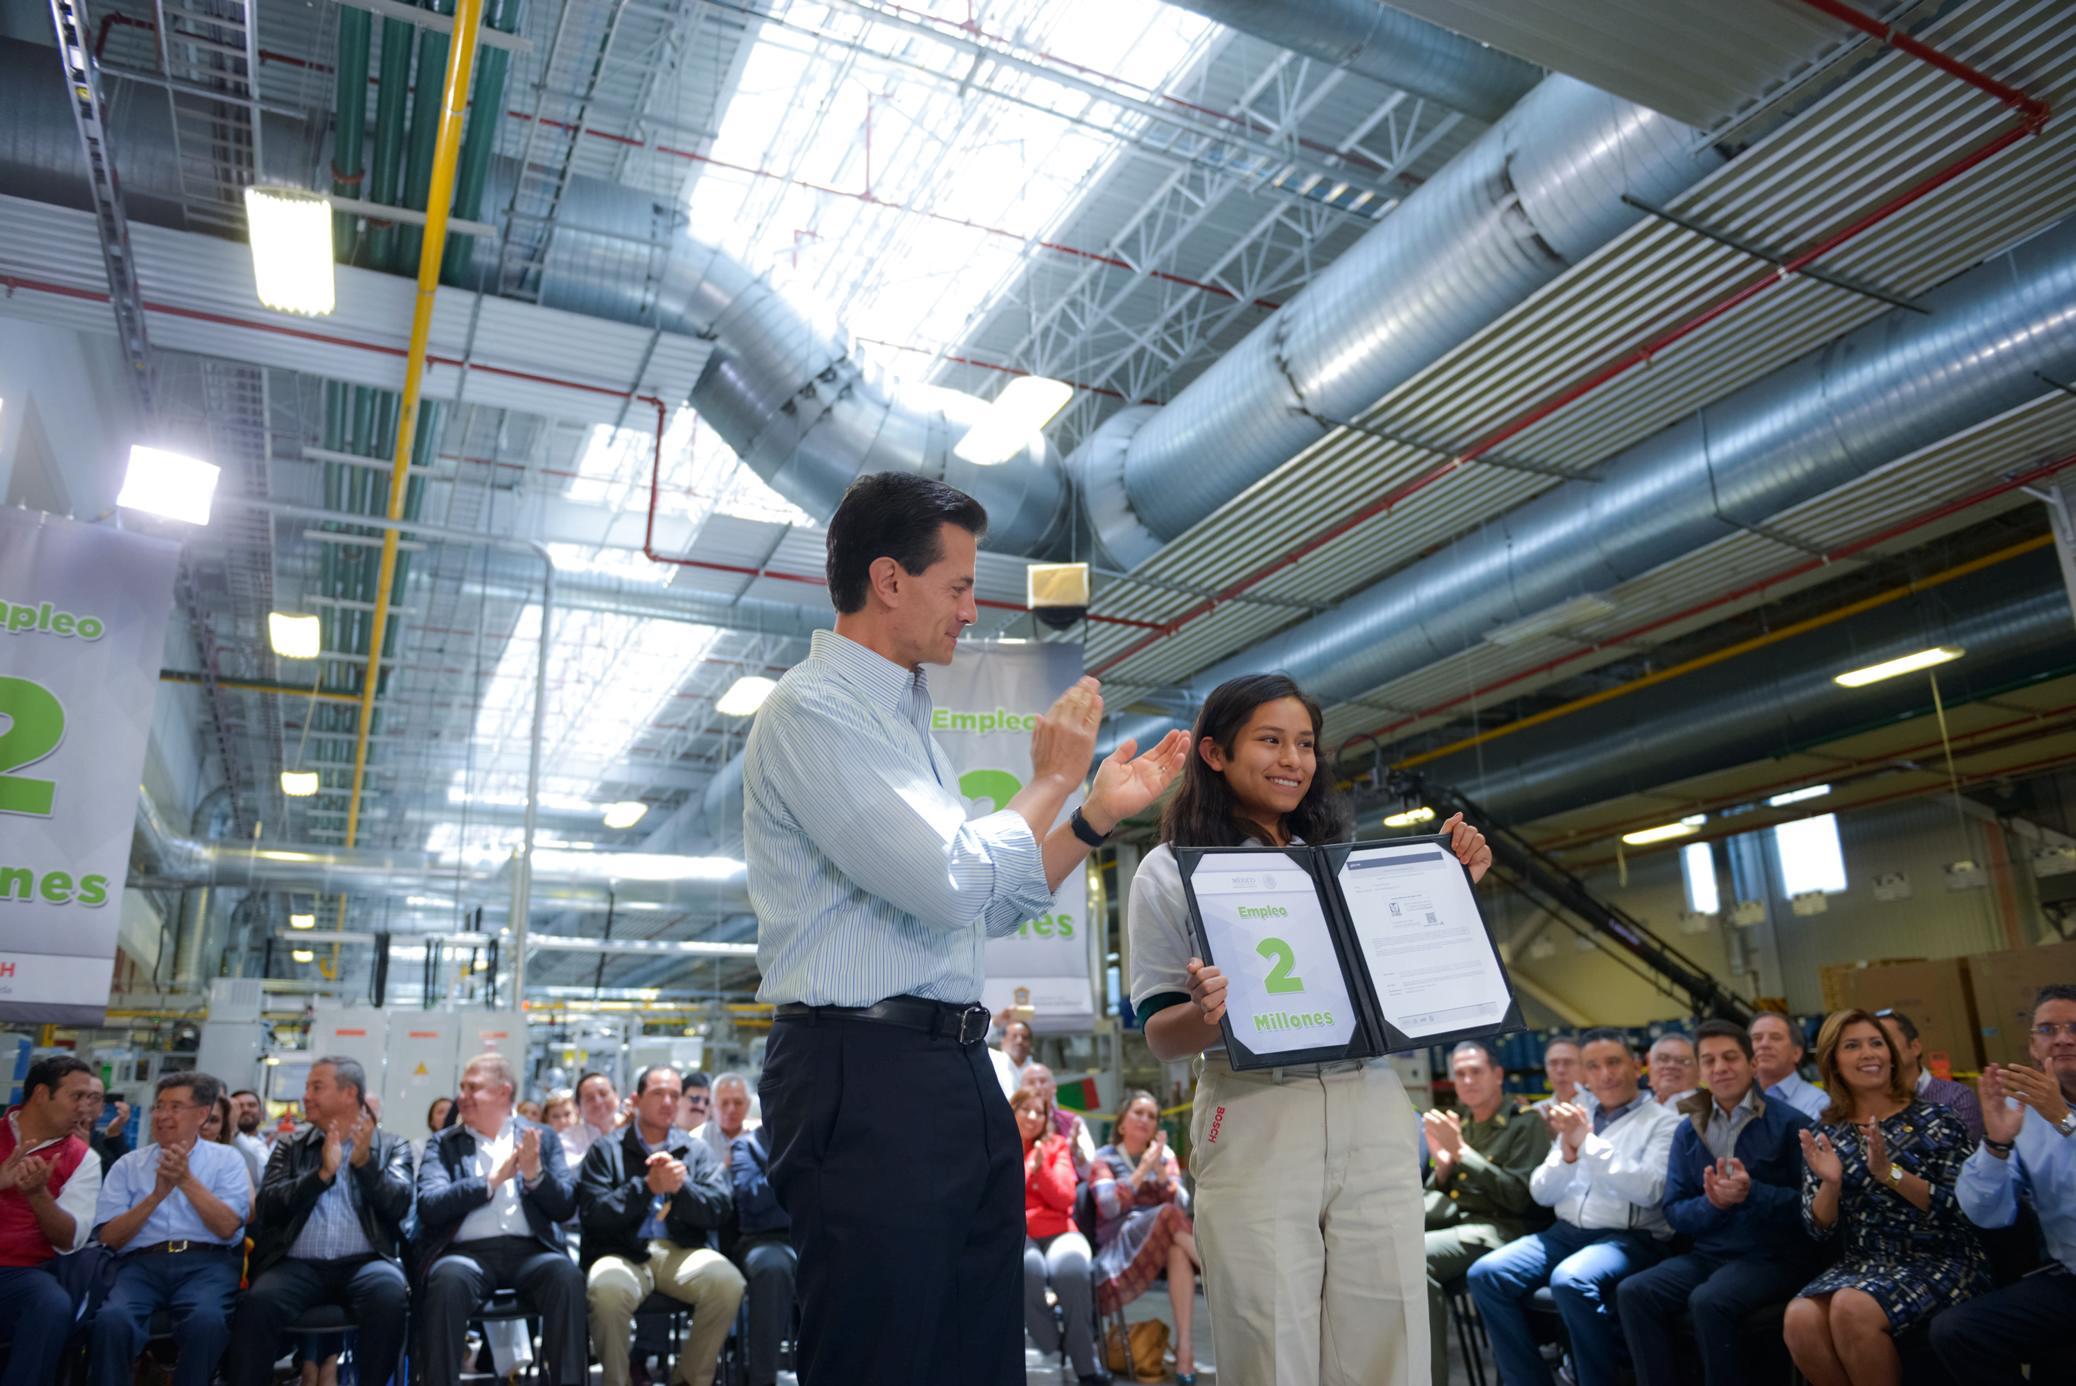 El Primer Mandatario entrega a Lizeth Alarcón García un certificado por registrarse como el empleo 2 millones de la actual administración.